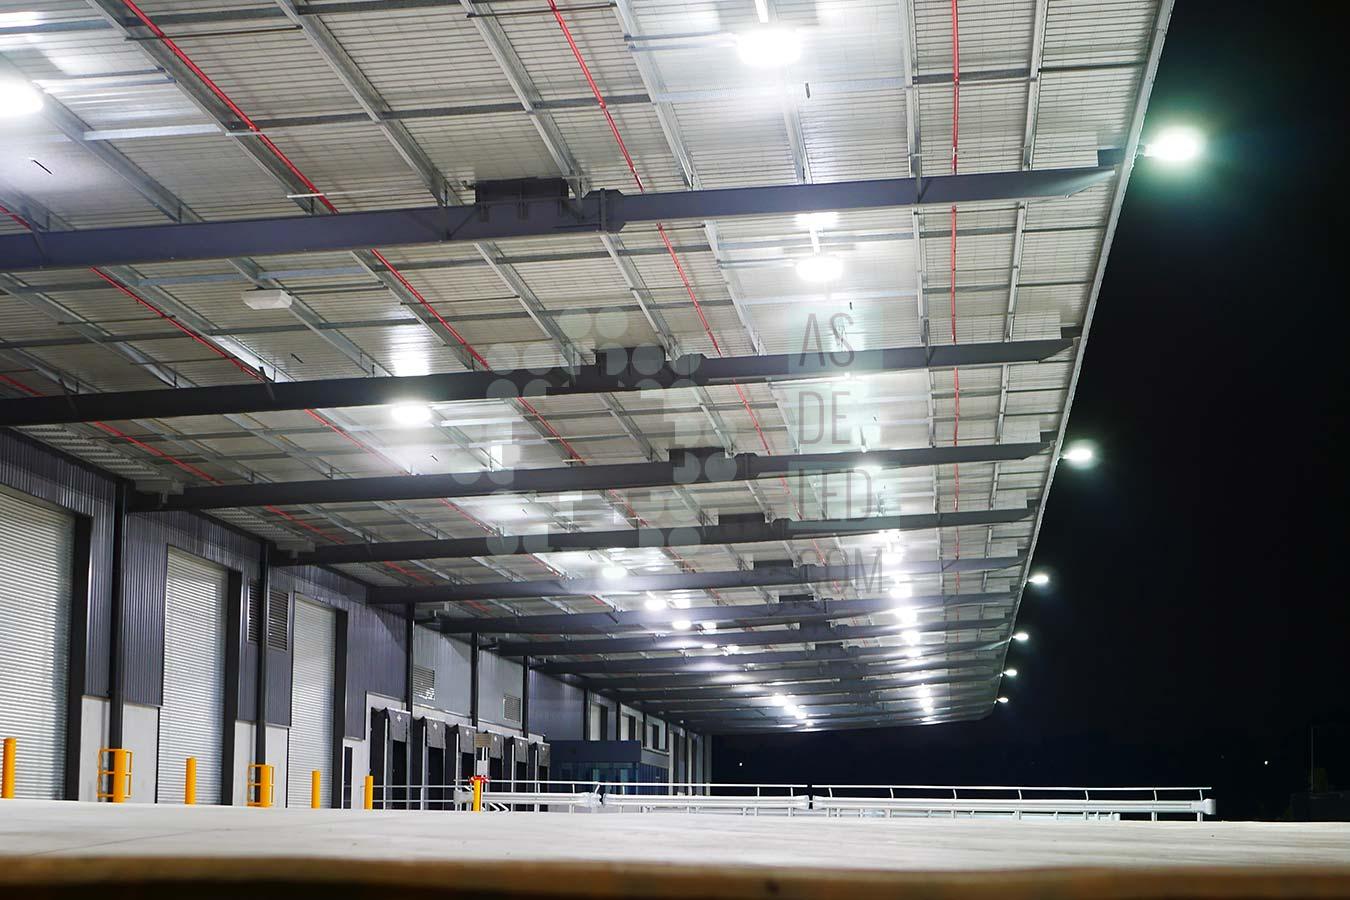 Comprar productos de iluminacion LED para naves industriales - Landing